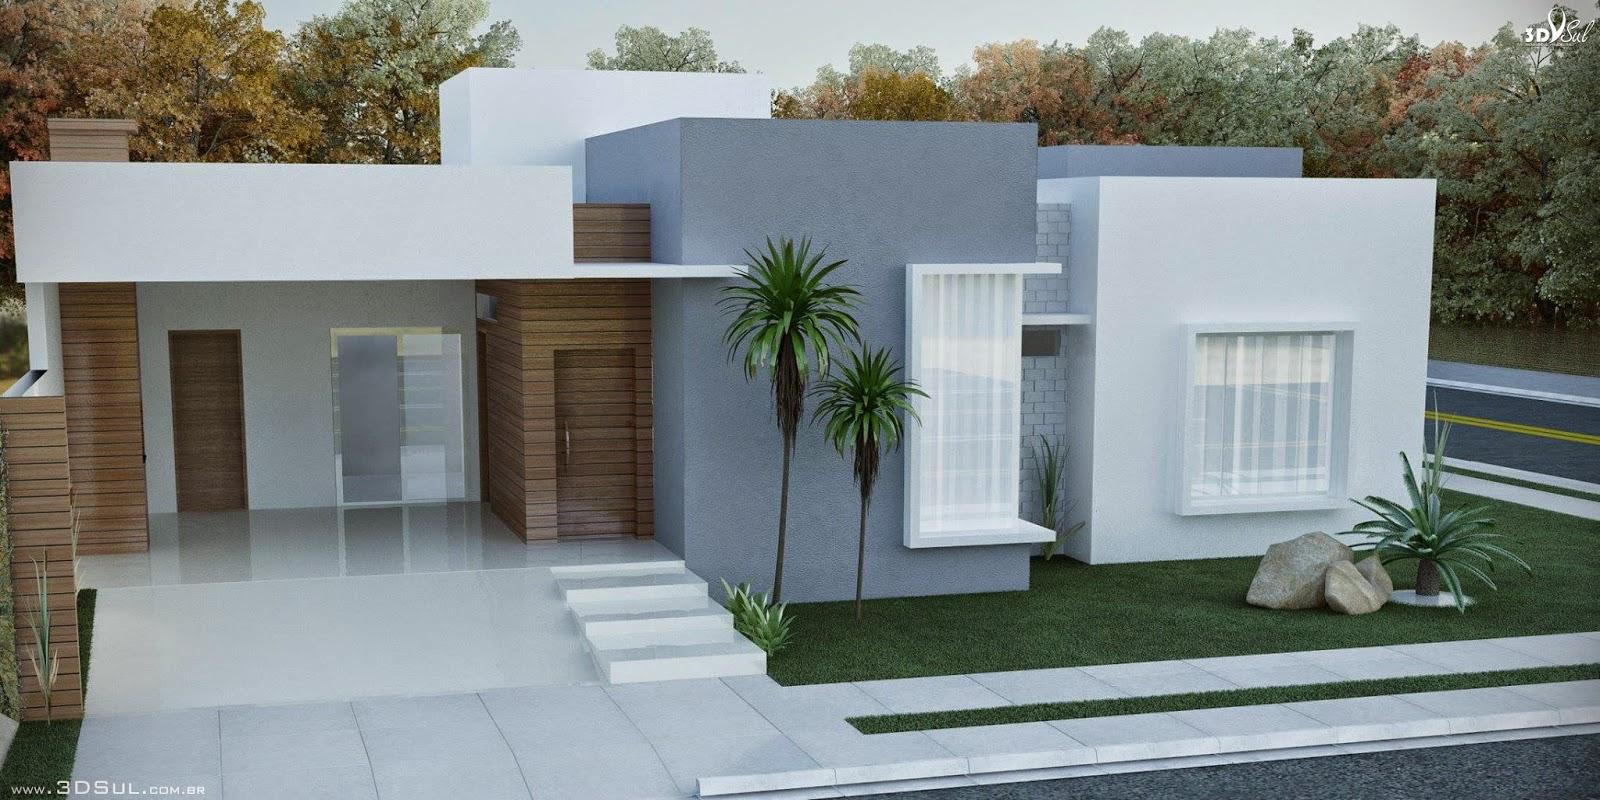 Casas pequenas e modernas de dois andares com espaos cada for Casetas pequenas